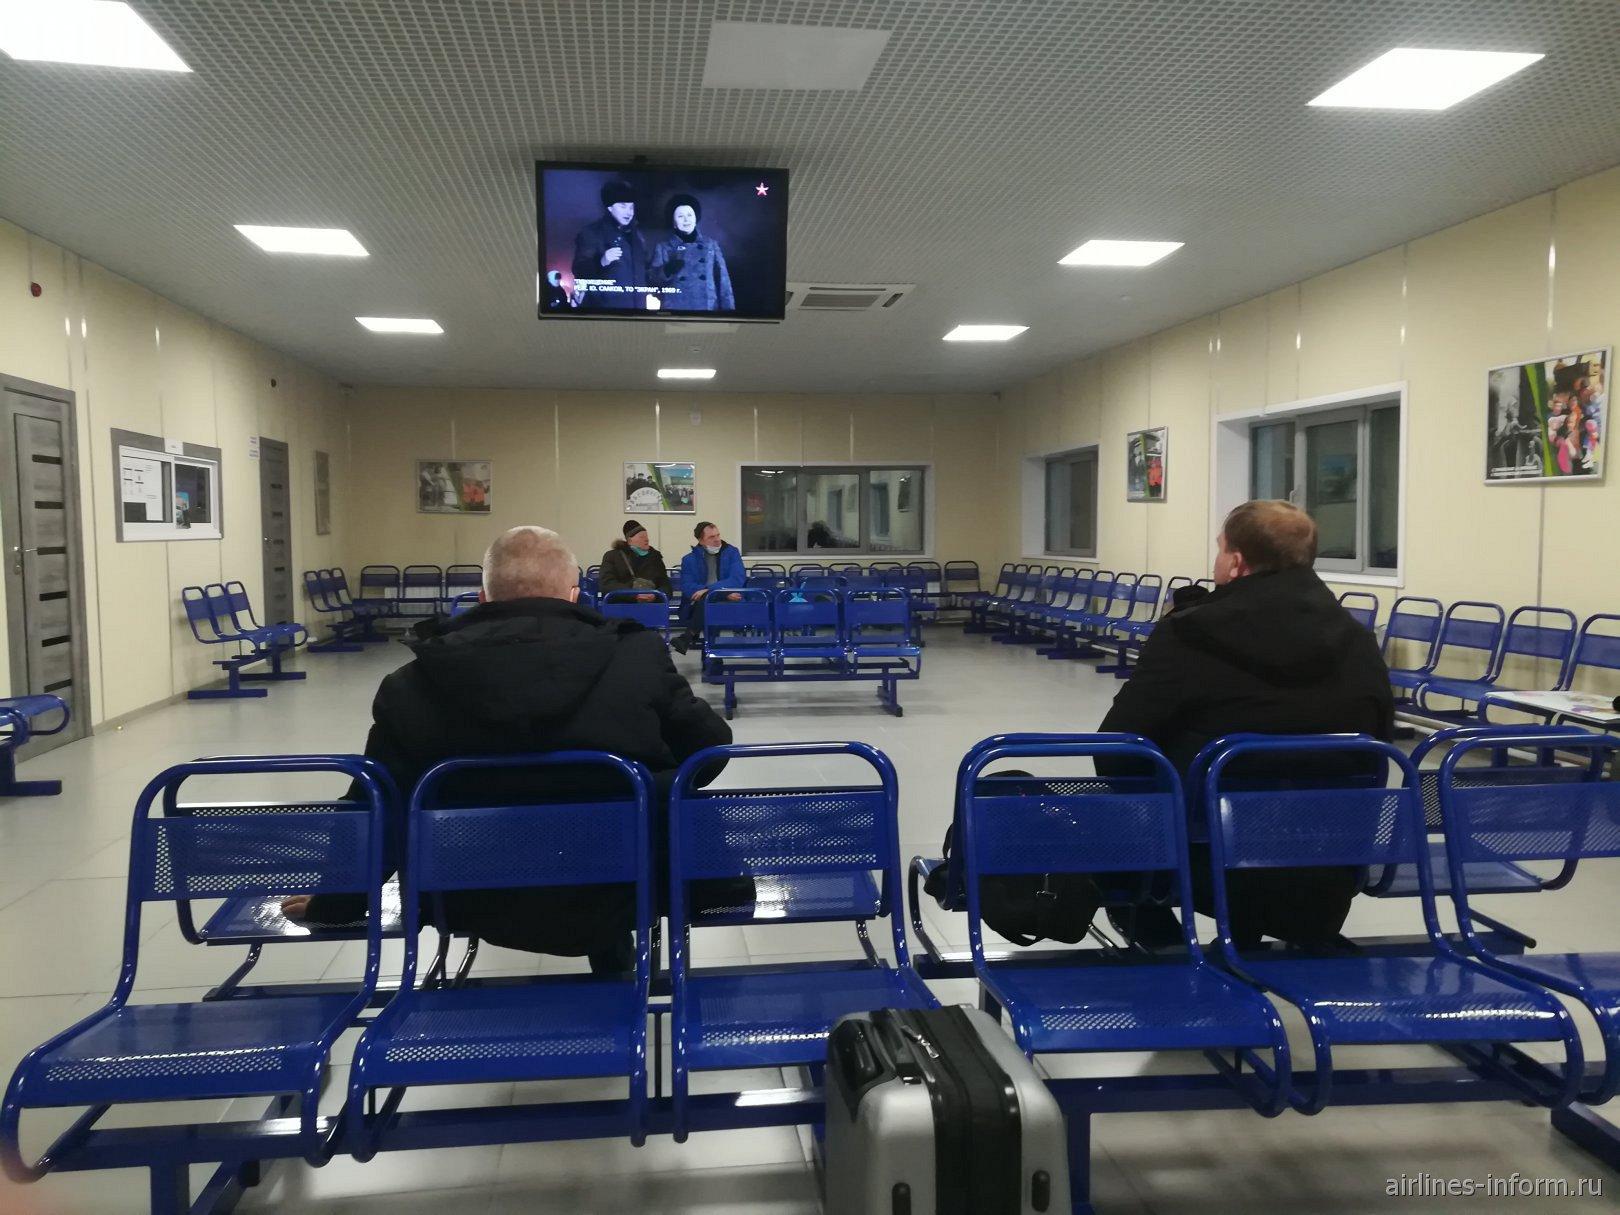 Зал ожидания в аэропорту Усть-Илимск